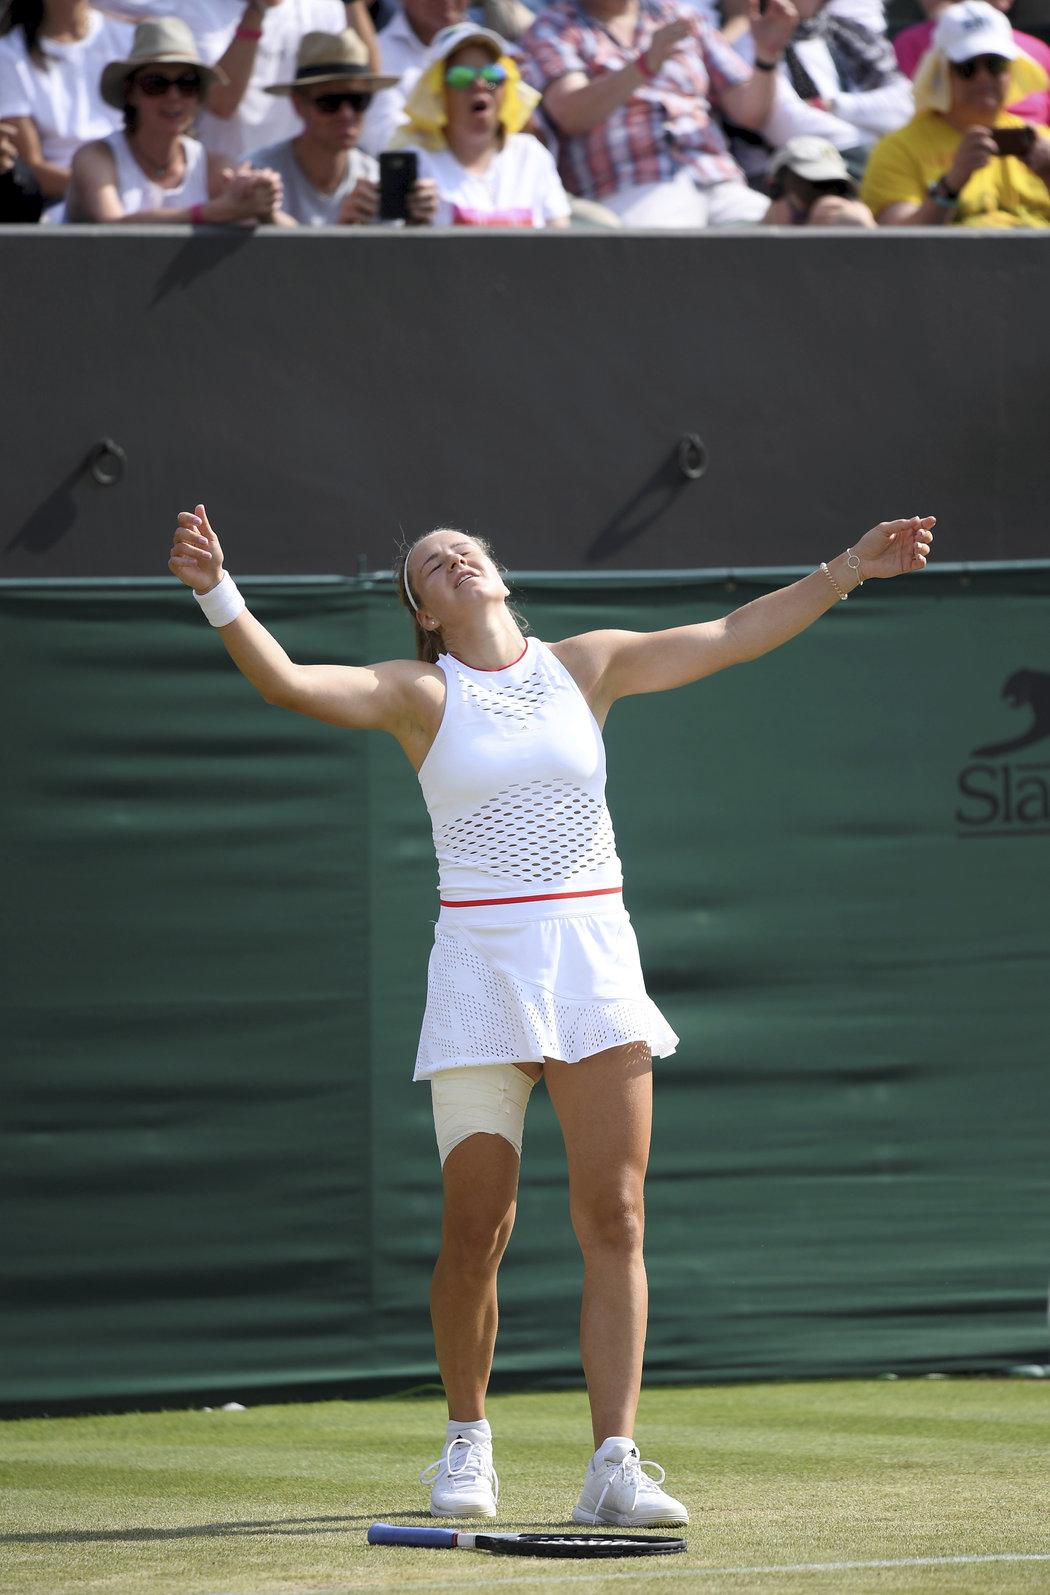 Euforie Karolíny Muchové po výhře nad Karolínou Plíškovou a postupu do čtvrtfinále Wimbledonu